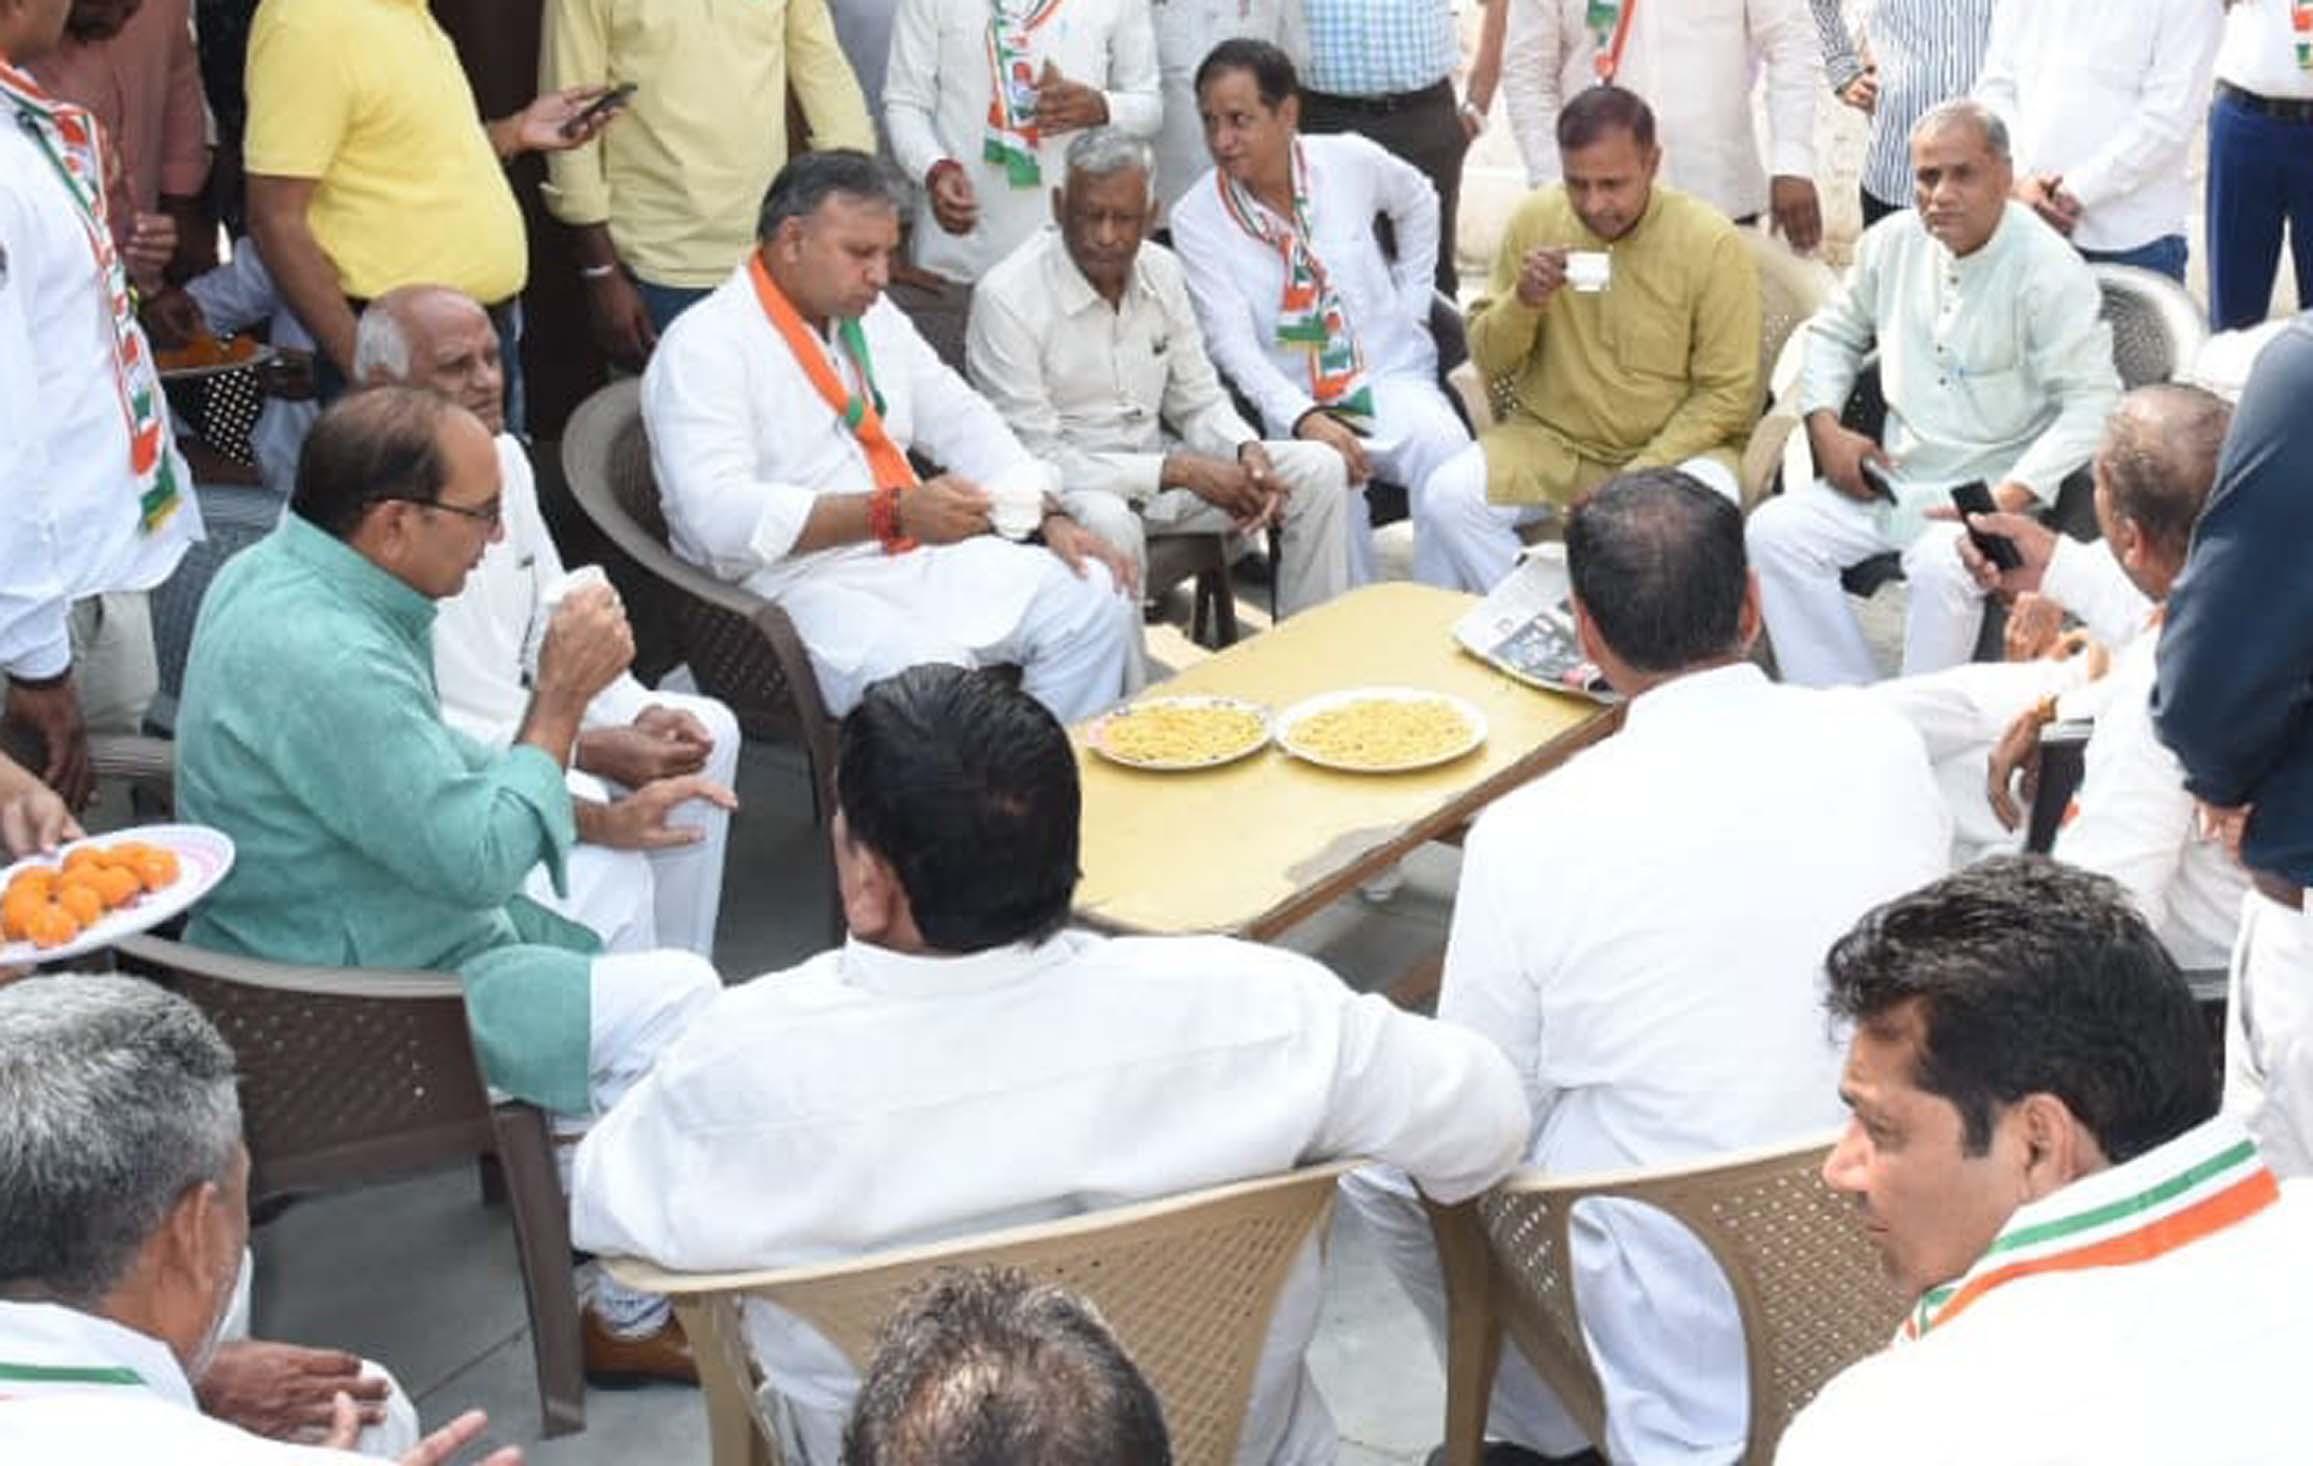 बडख़ल विधानसभा के विकास और भविष्य को ध्यान में रखते हुए वोट दे: विजय प्रताप सिंह